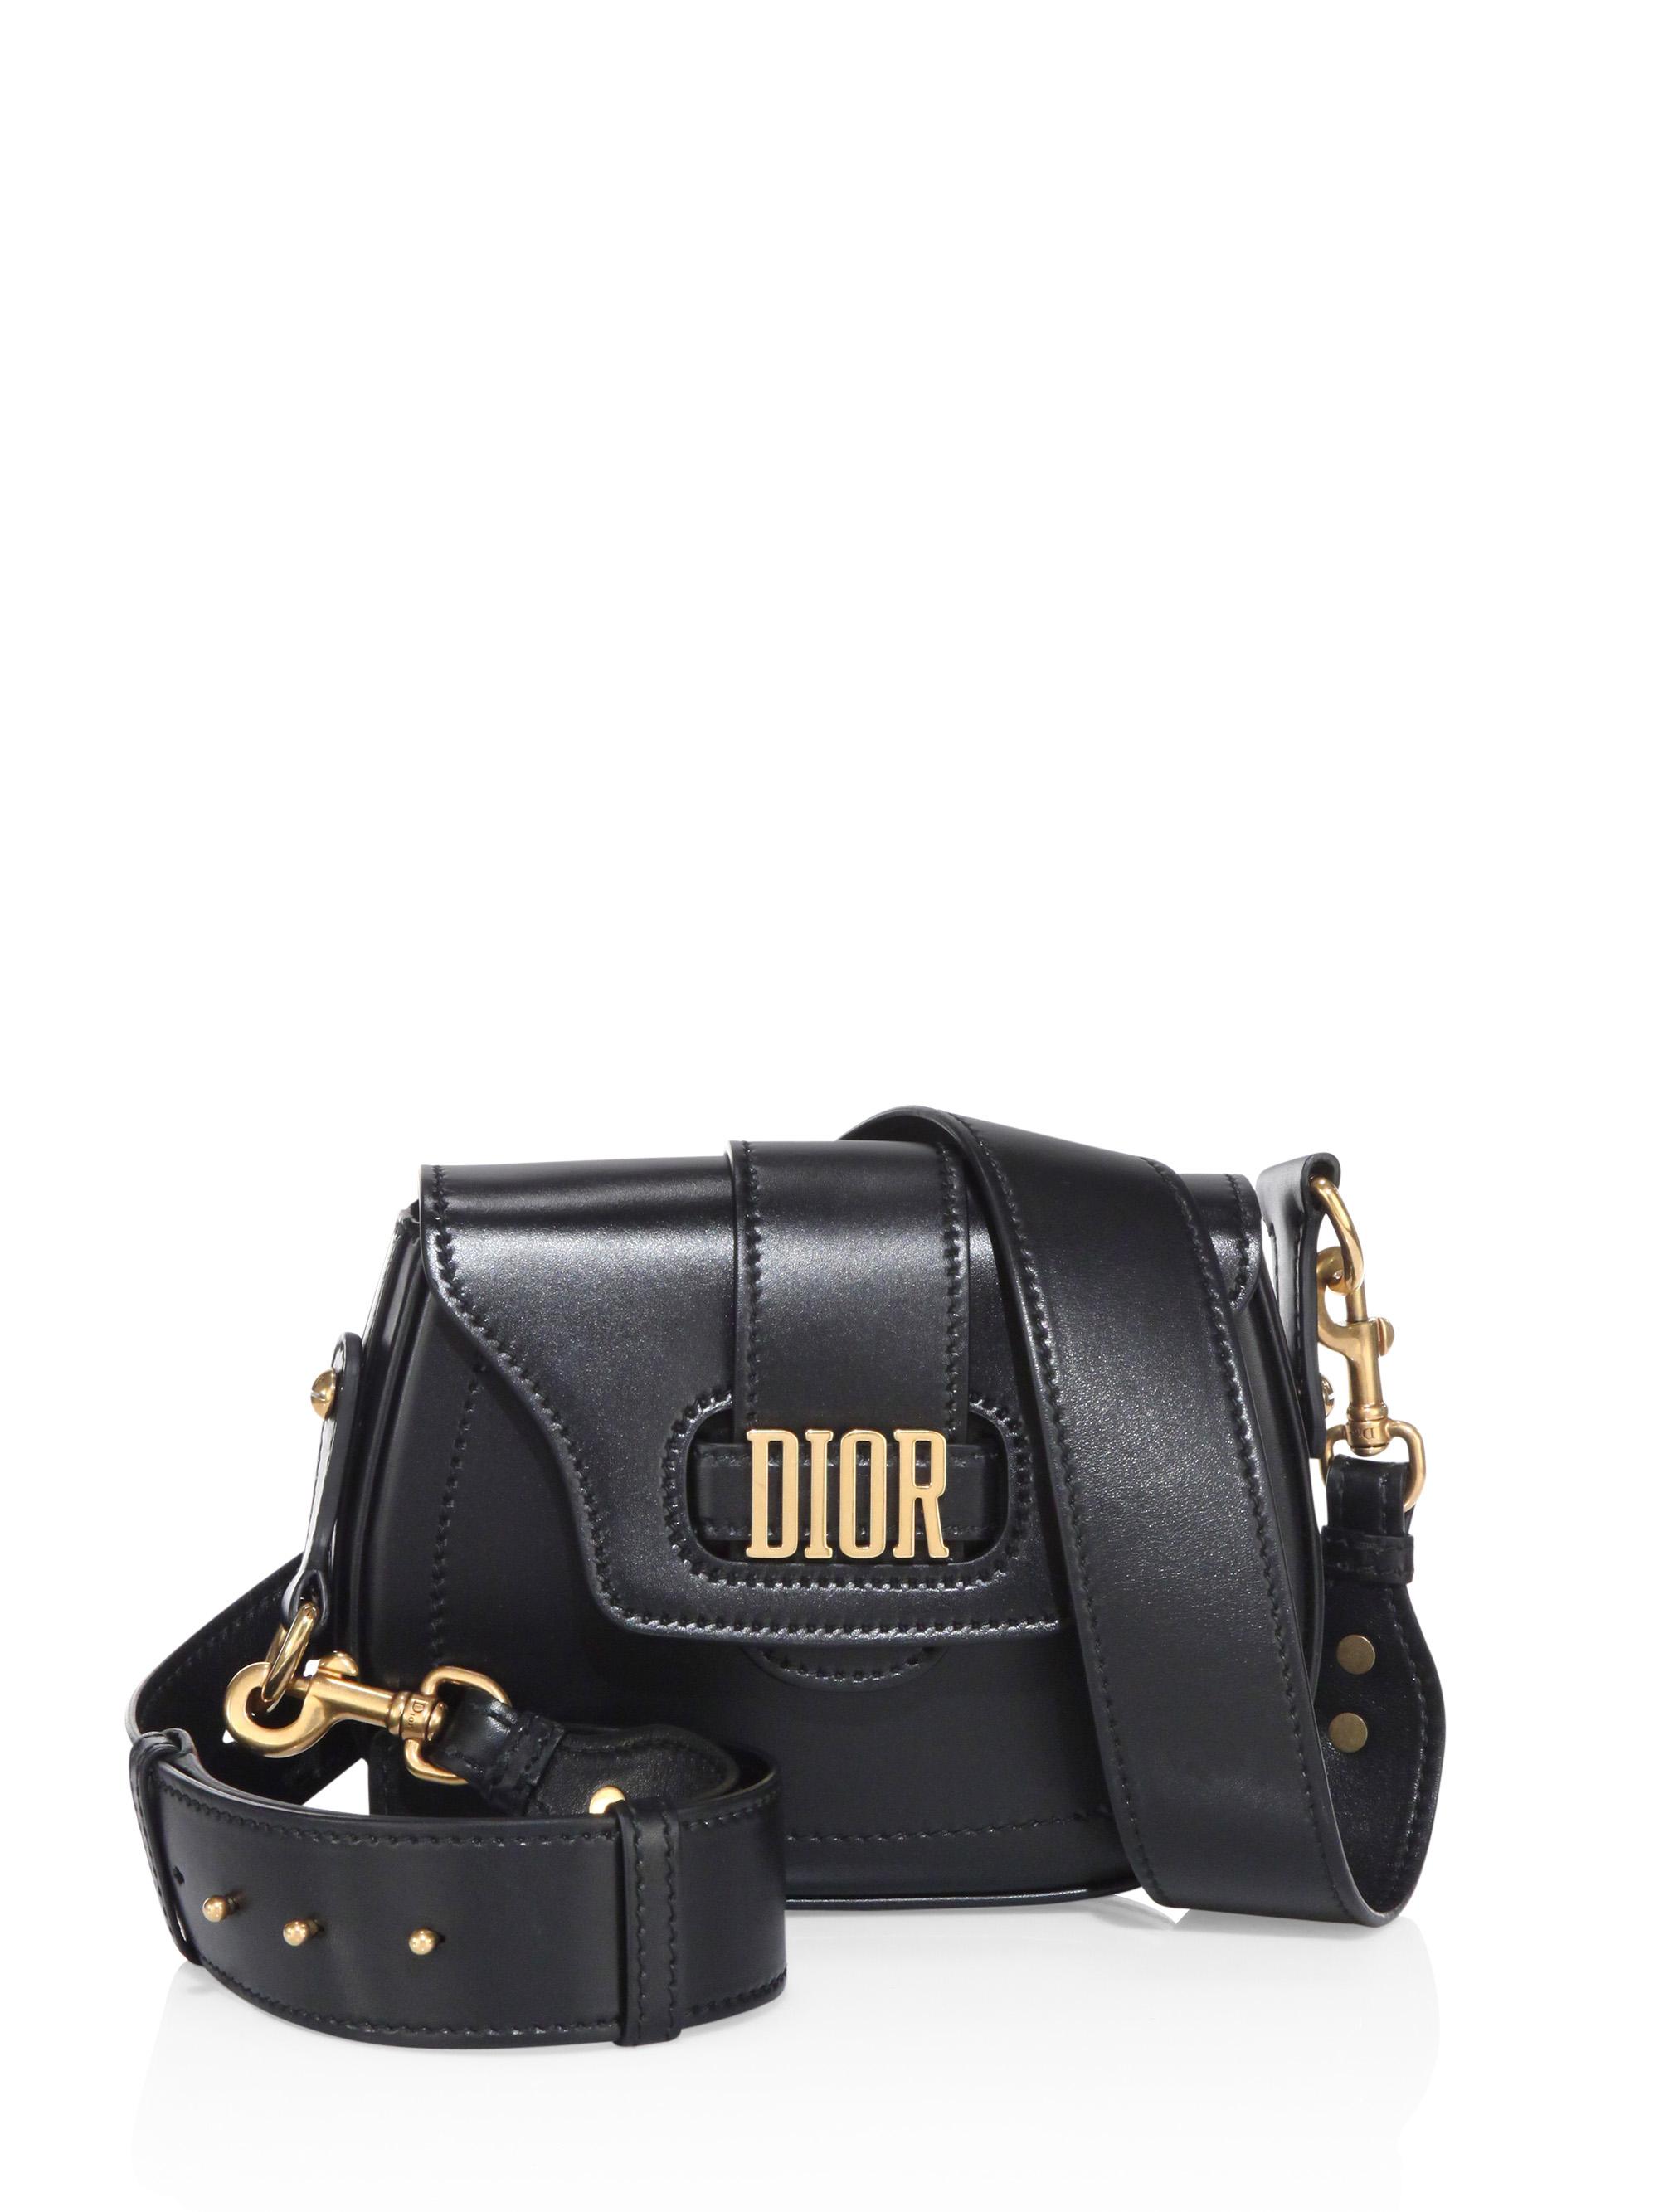 Dior Handbags Saks Fifth Avenue Off 62